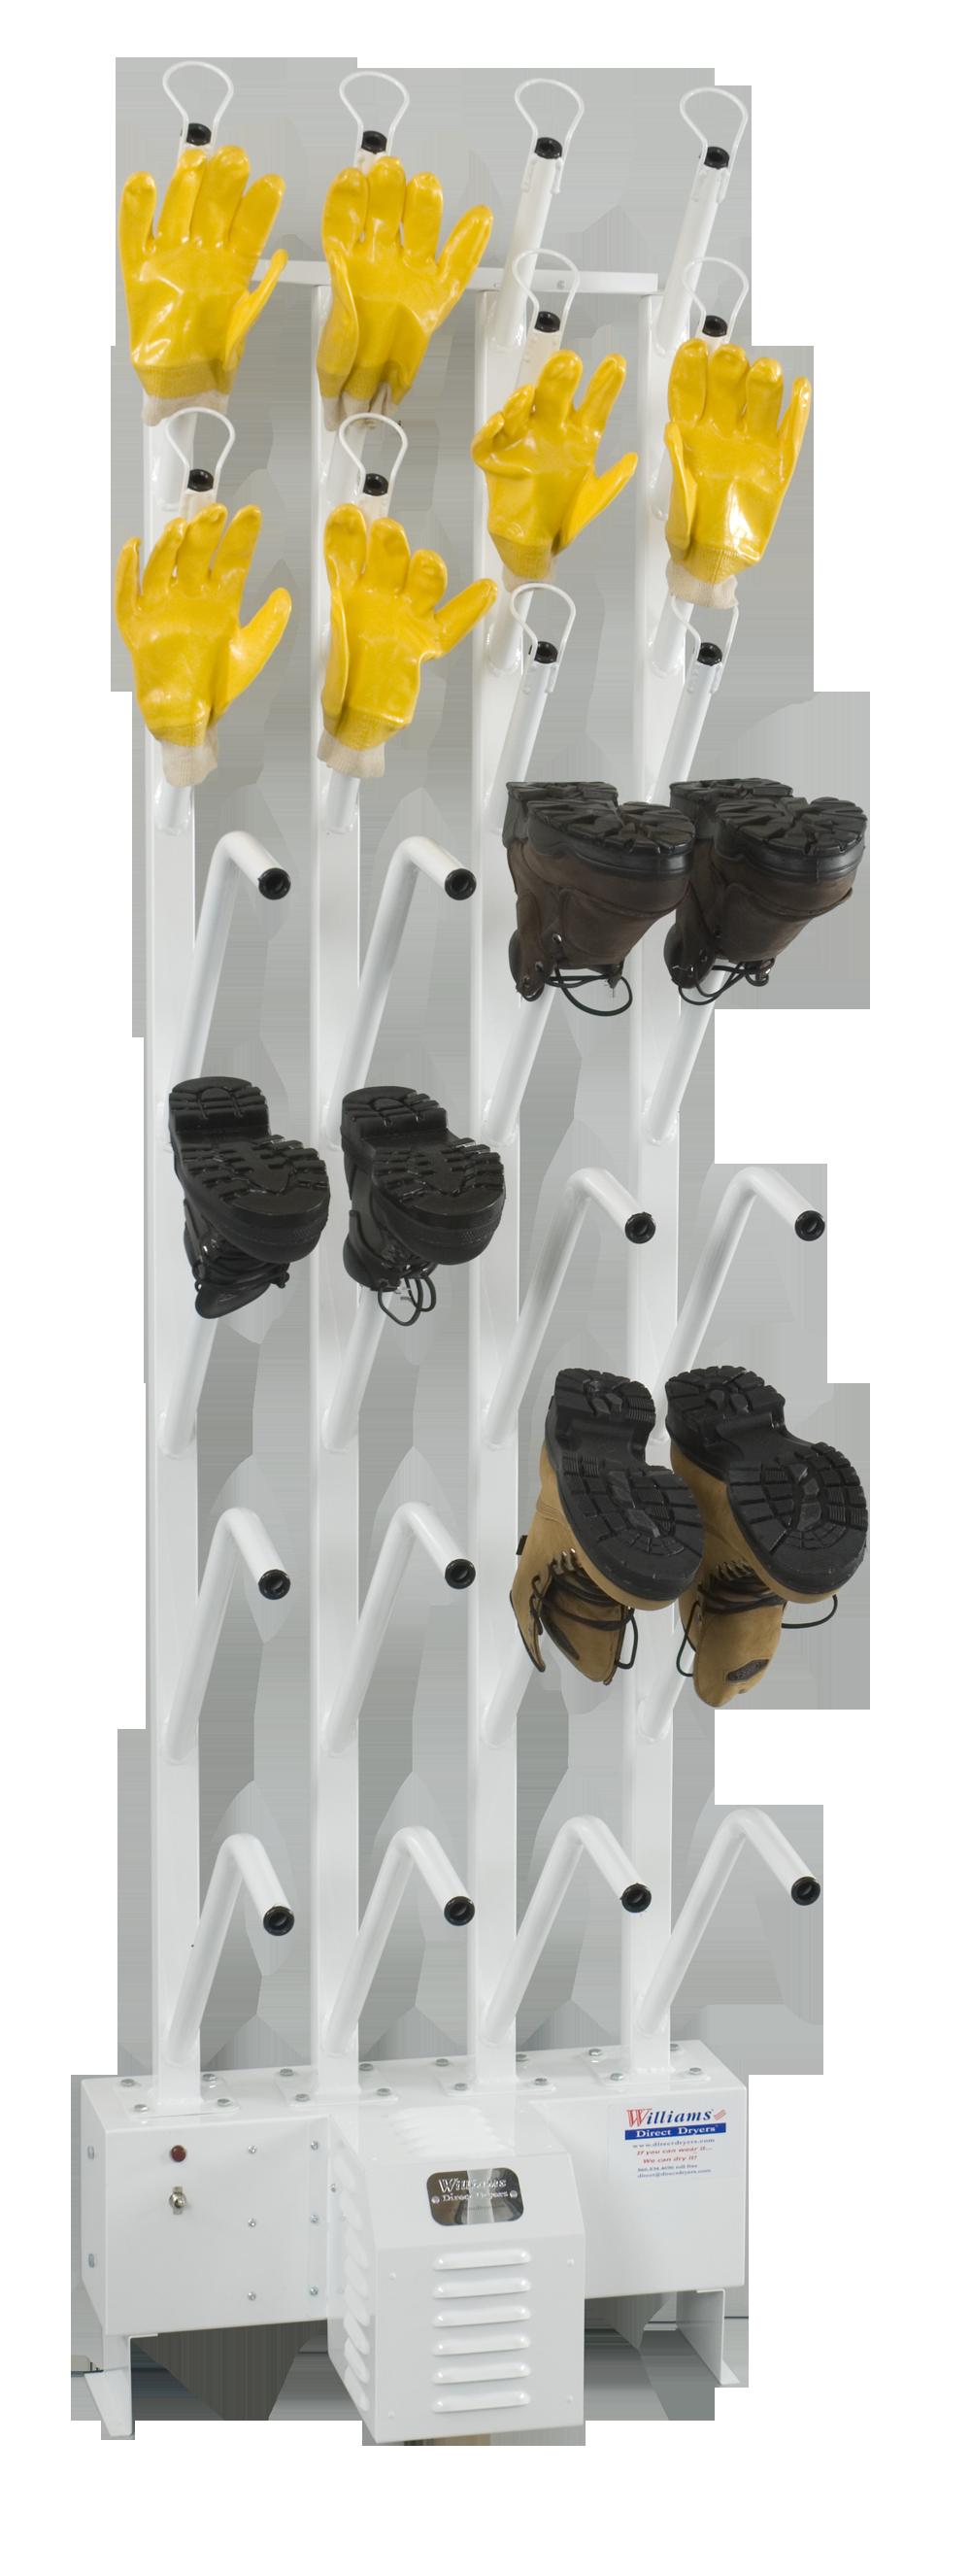 Séchoir commercial pour bottes  Séchoir commercial pour gants  Séchoir industriel pour bottes  Séchoir industriel pour gants  Séchoir botte  Séchoir bottes  Séchoir gants  Séchoir gant  Sèche botte  Sèche bottes  Sèche gants  Sèche gant